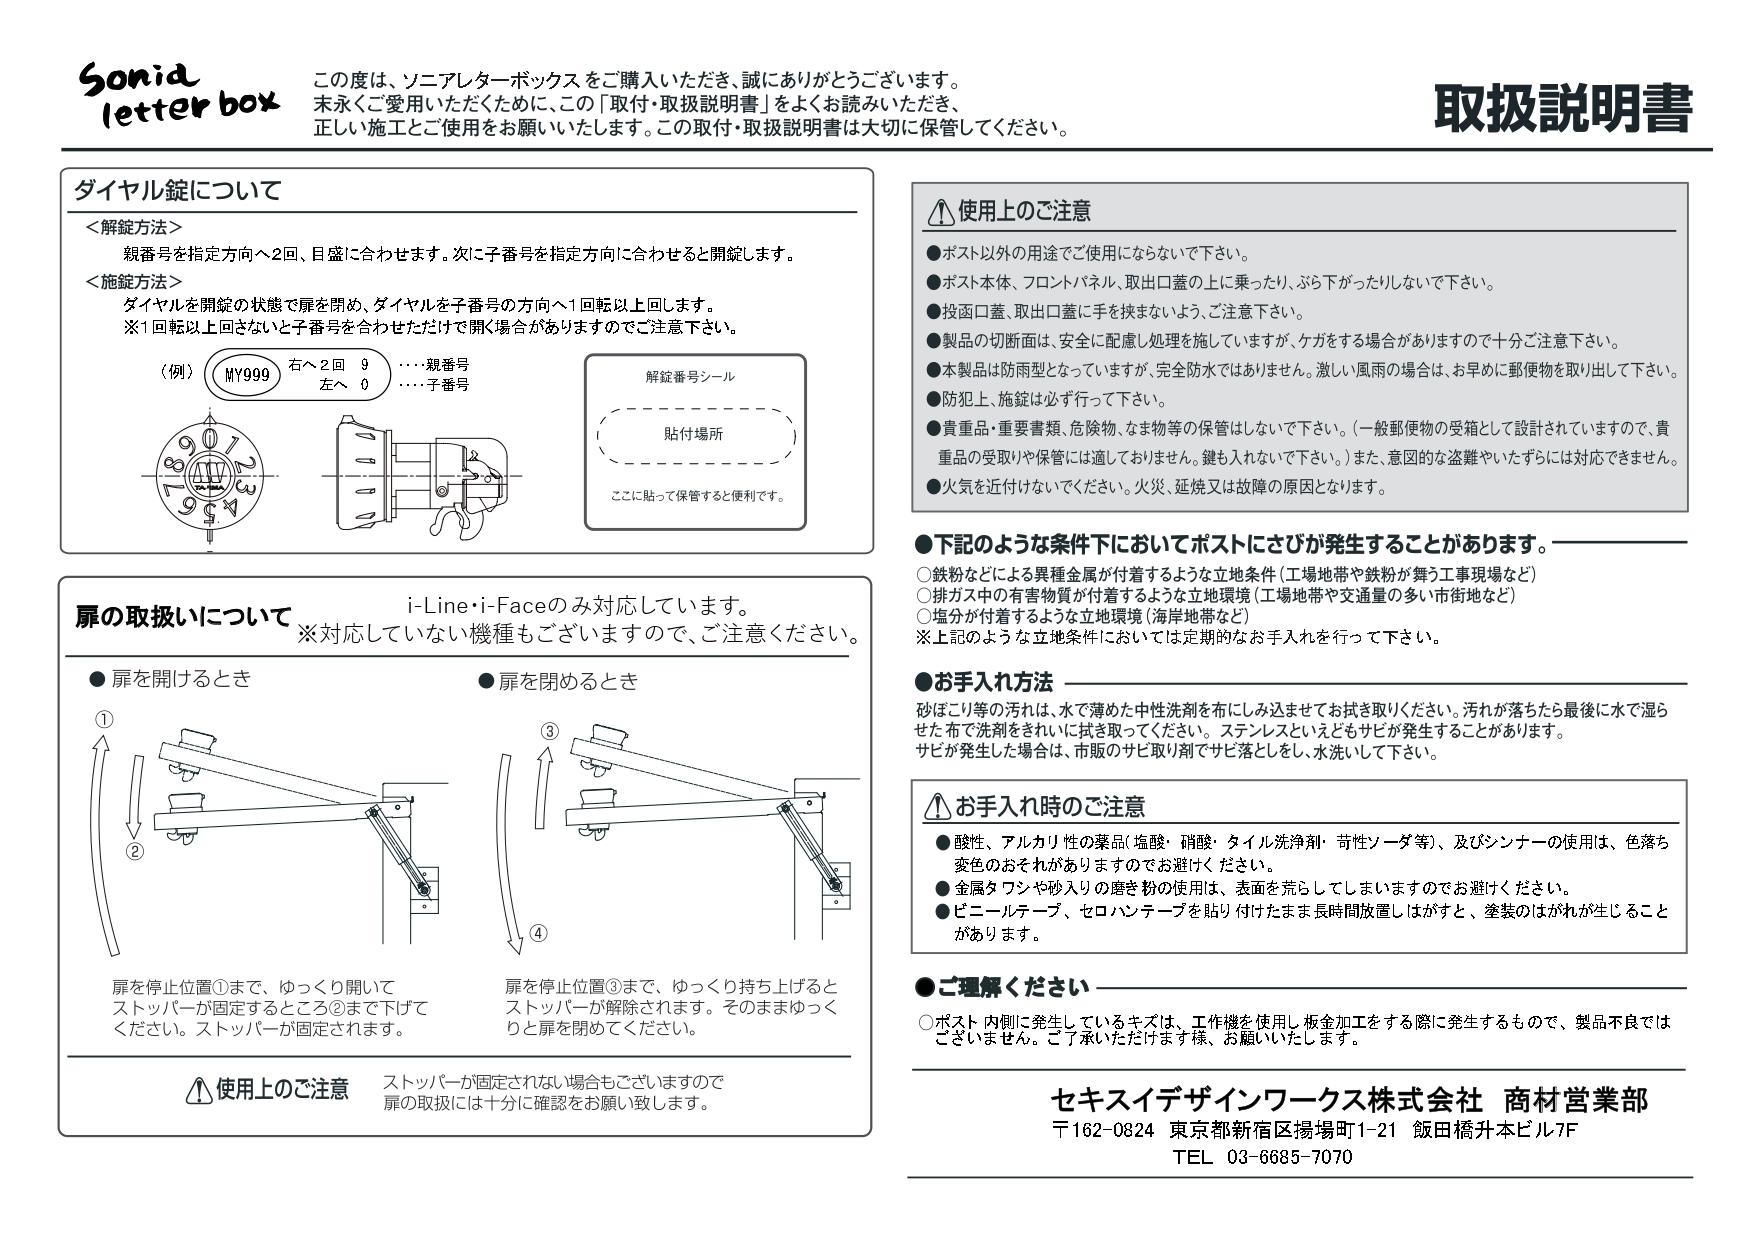 アイライン タイプC 施工説明書_page-0001